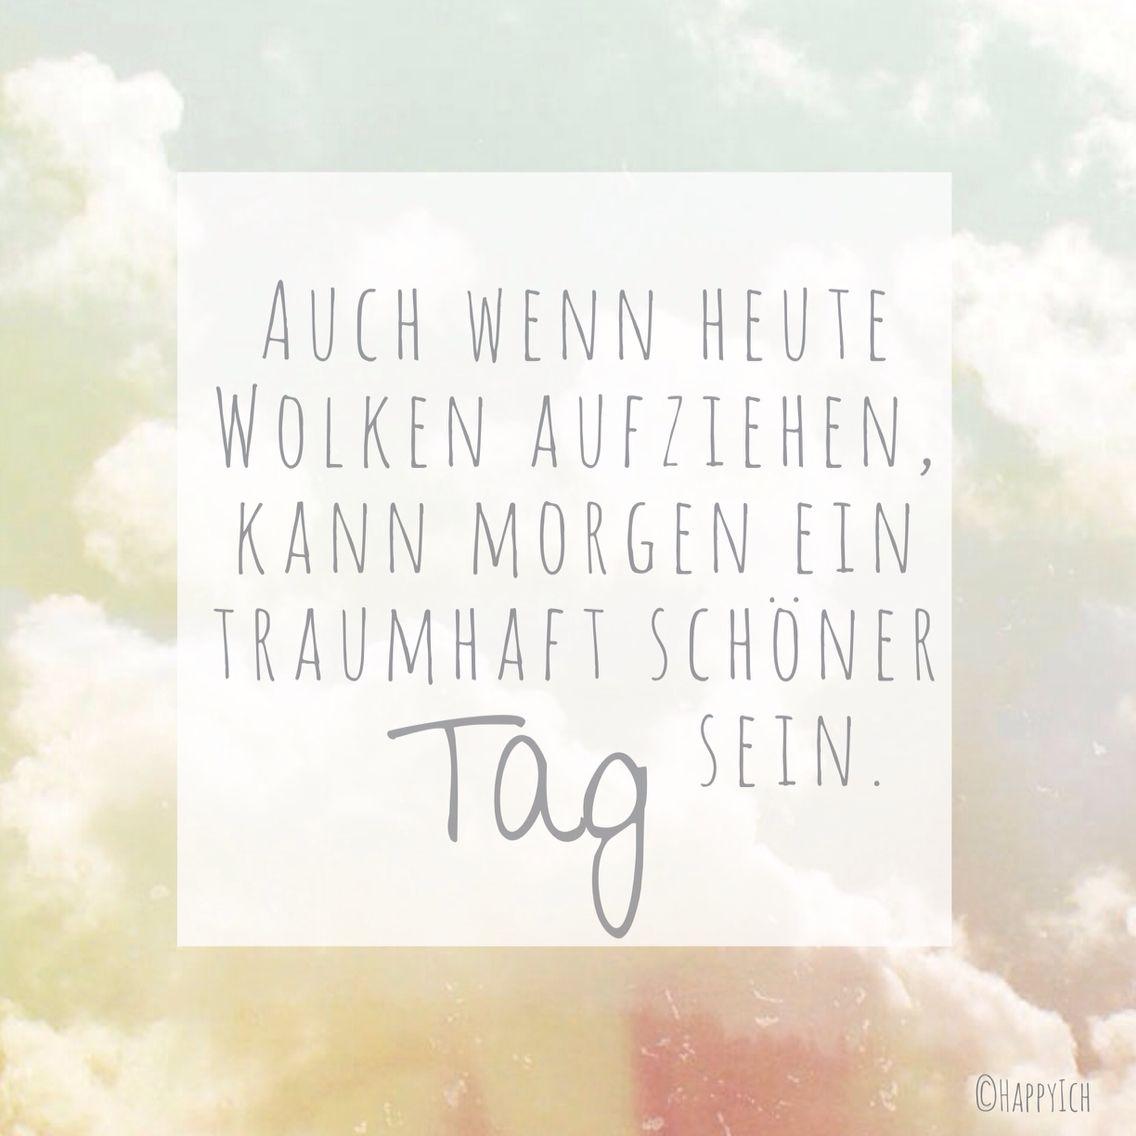 Deutsche Affirmation, Motivation, Inspiration